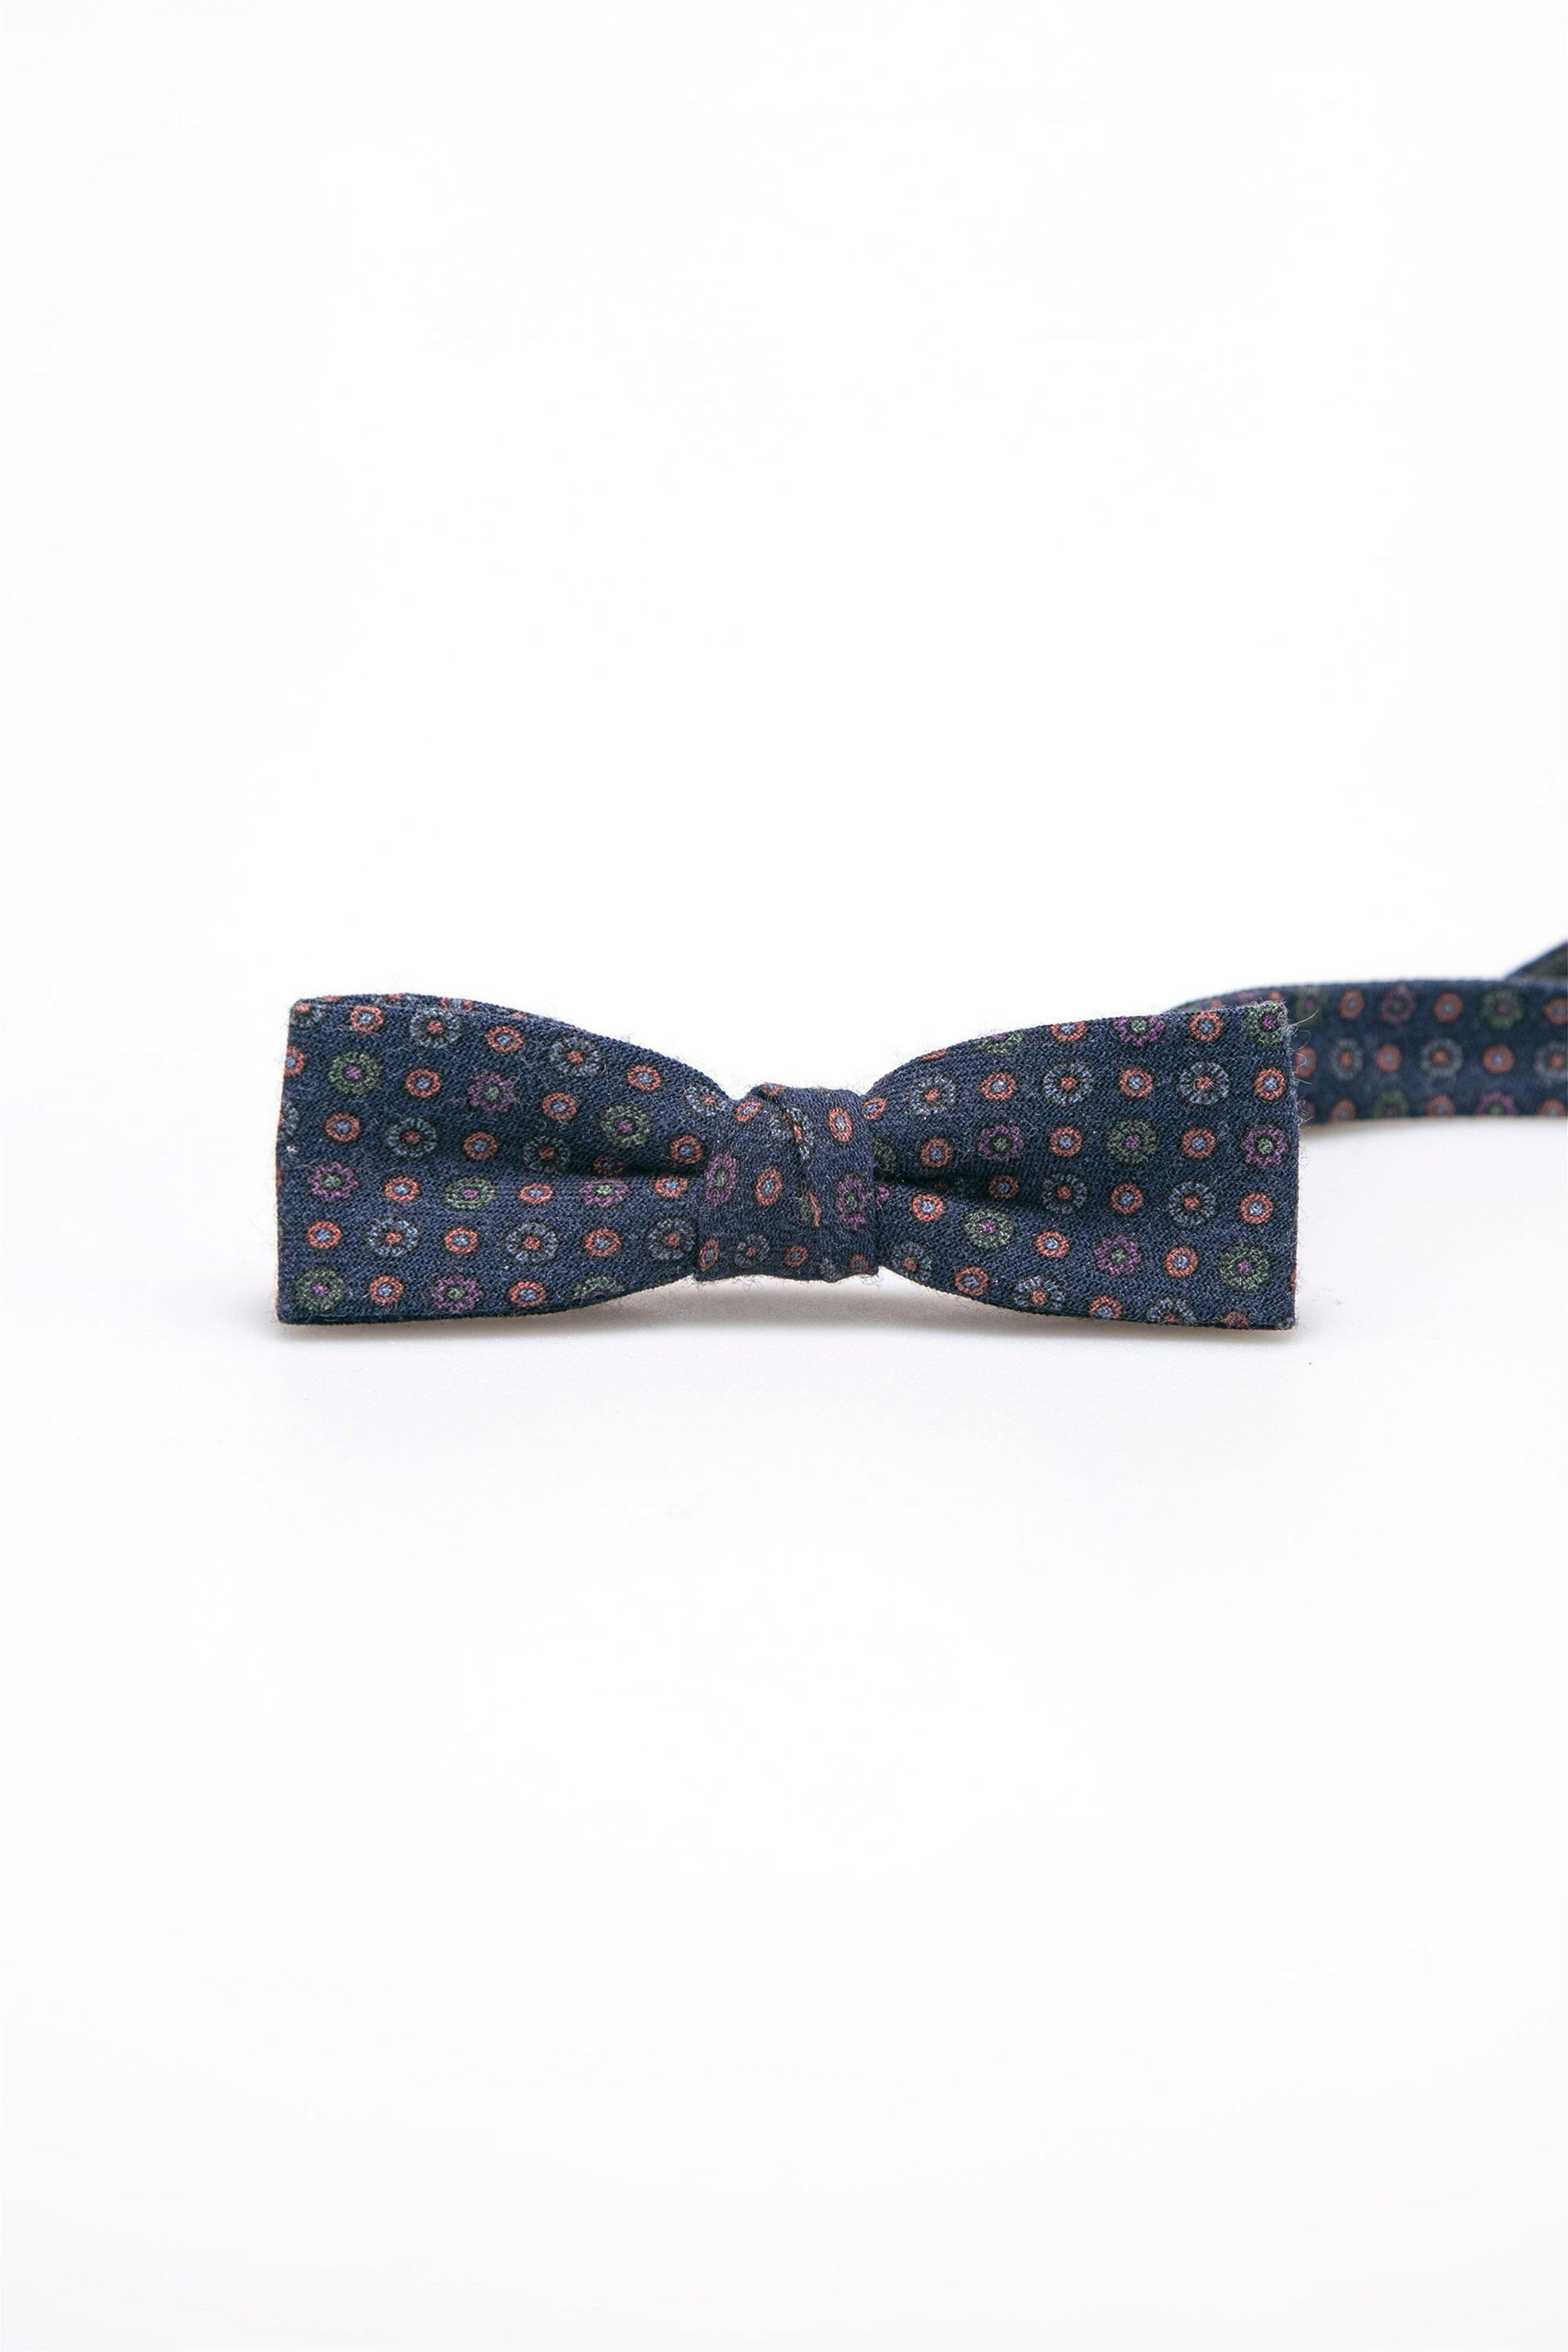 Παπιγιόν Arrow - 084321 - Μπλε ανδρασ   αξεσουαρ   γραβάτες   παπιγιόν